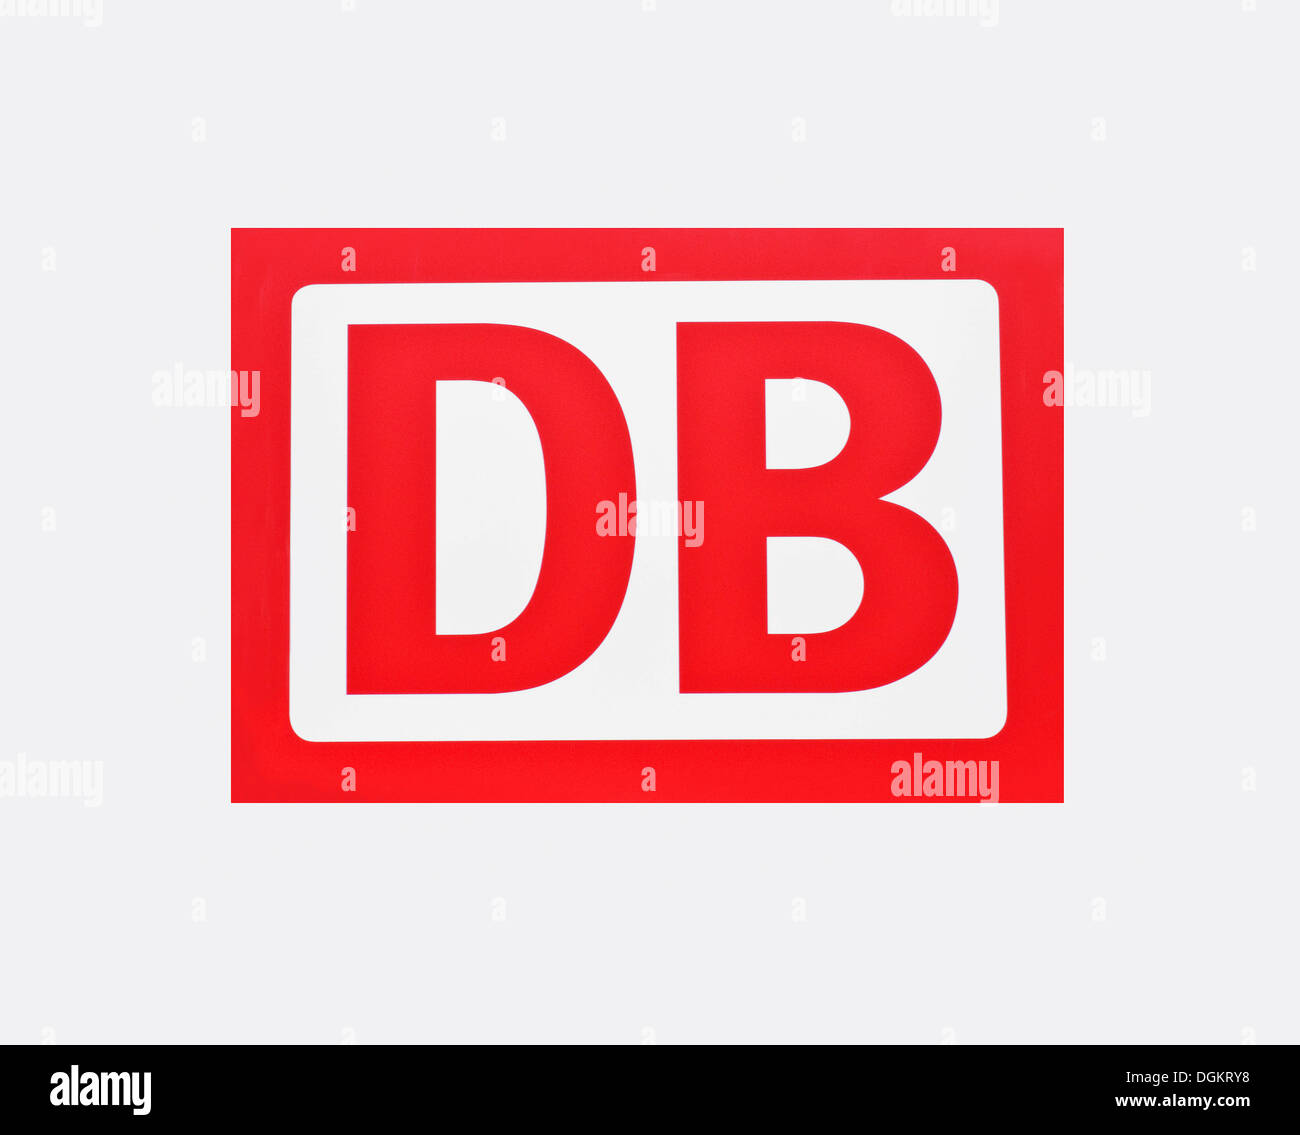 DB, Deutsche Bahn, German railways, logo Stock Photo